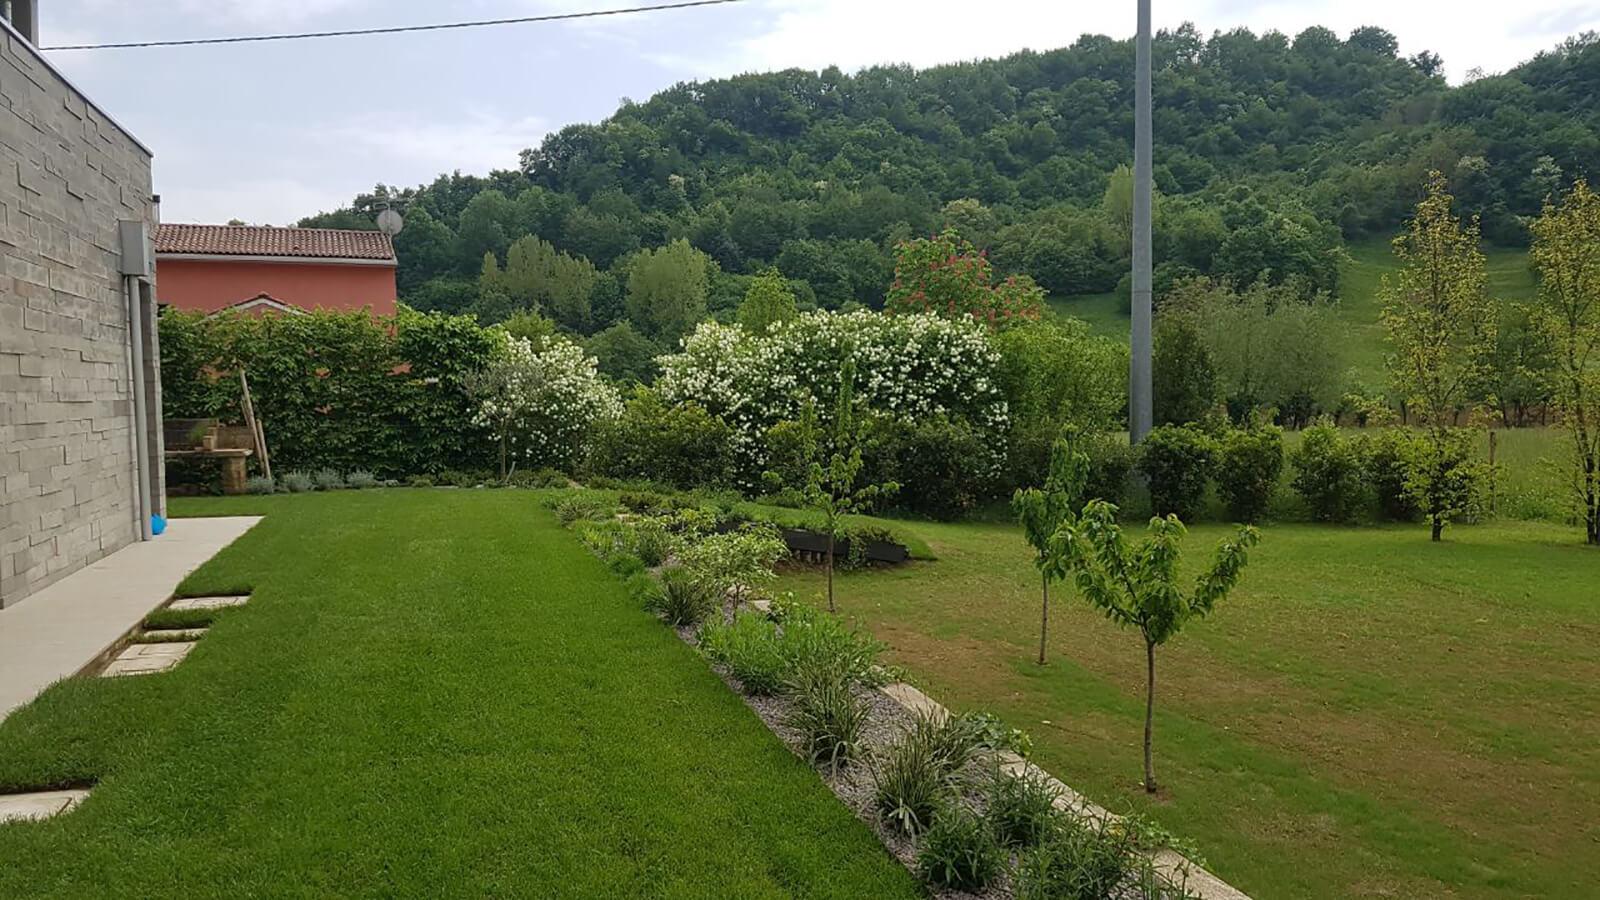 progettazione realizzazione giardini marostica - verde blu giardini 9